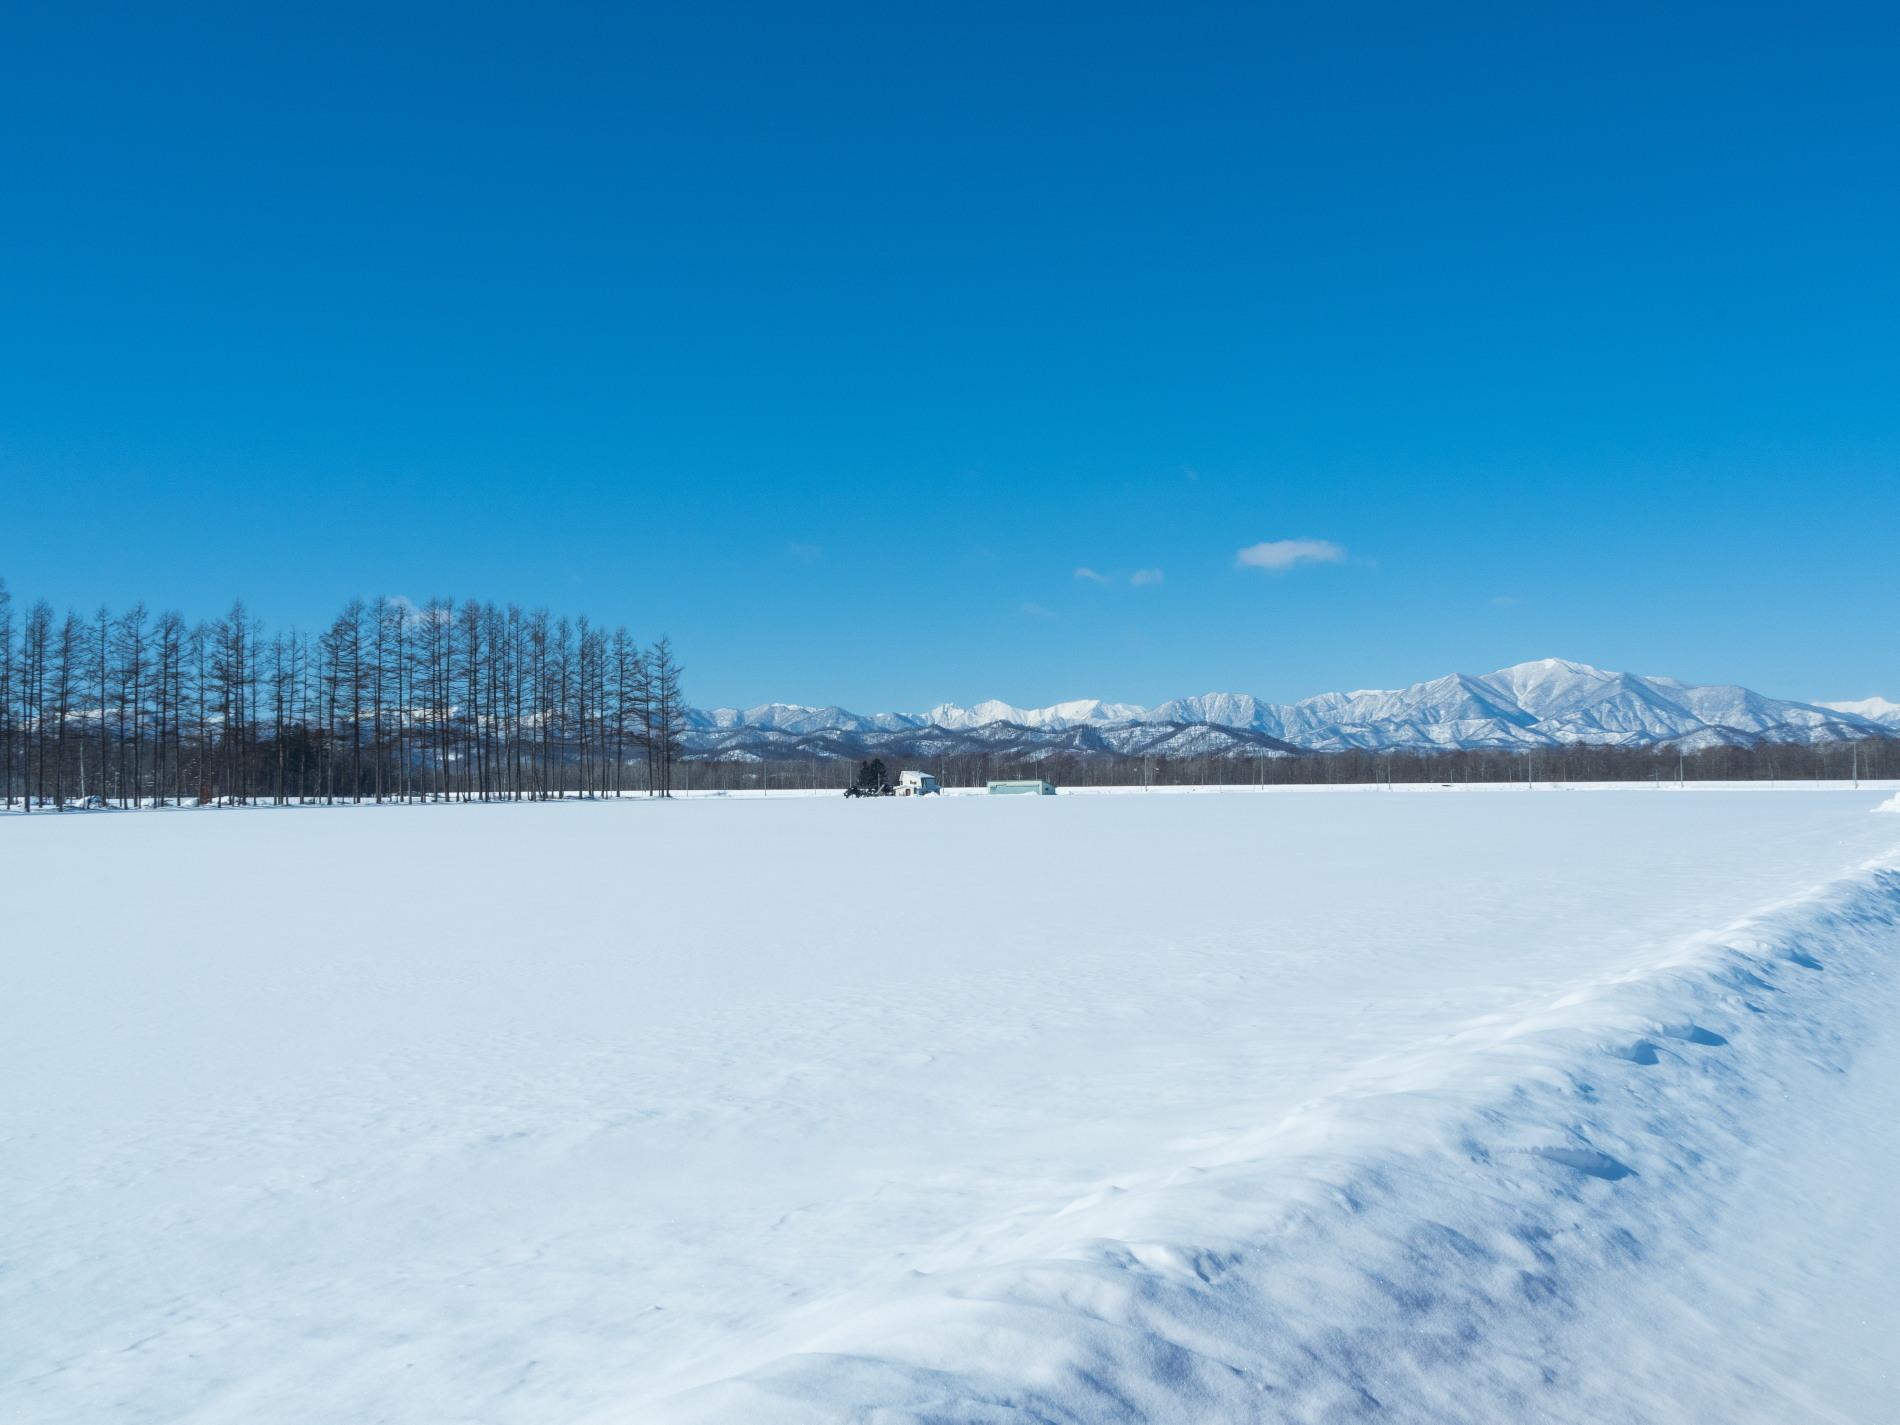 今季最高の冷え込み・・快晴で日高山脈がきれいに望めます。_f0276498_11361251.jpg